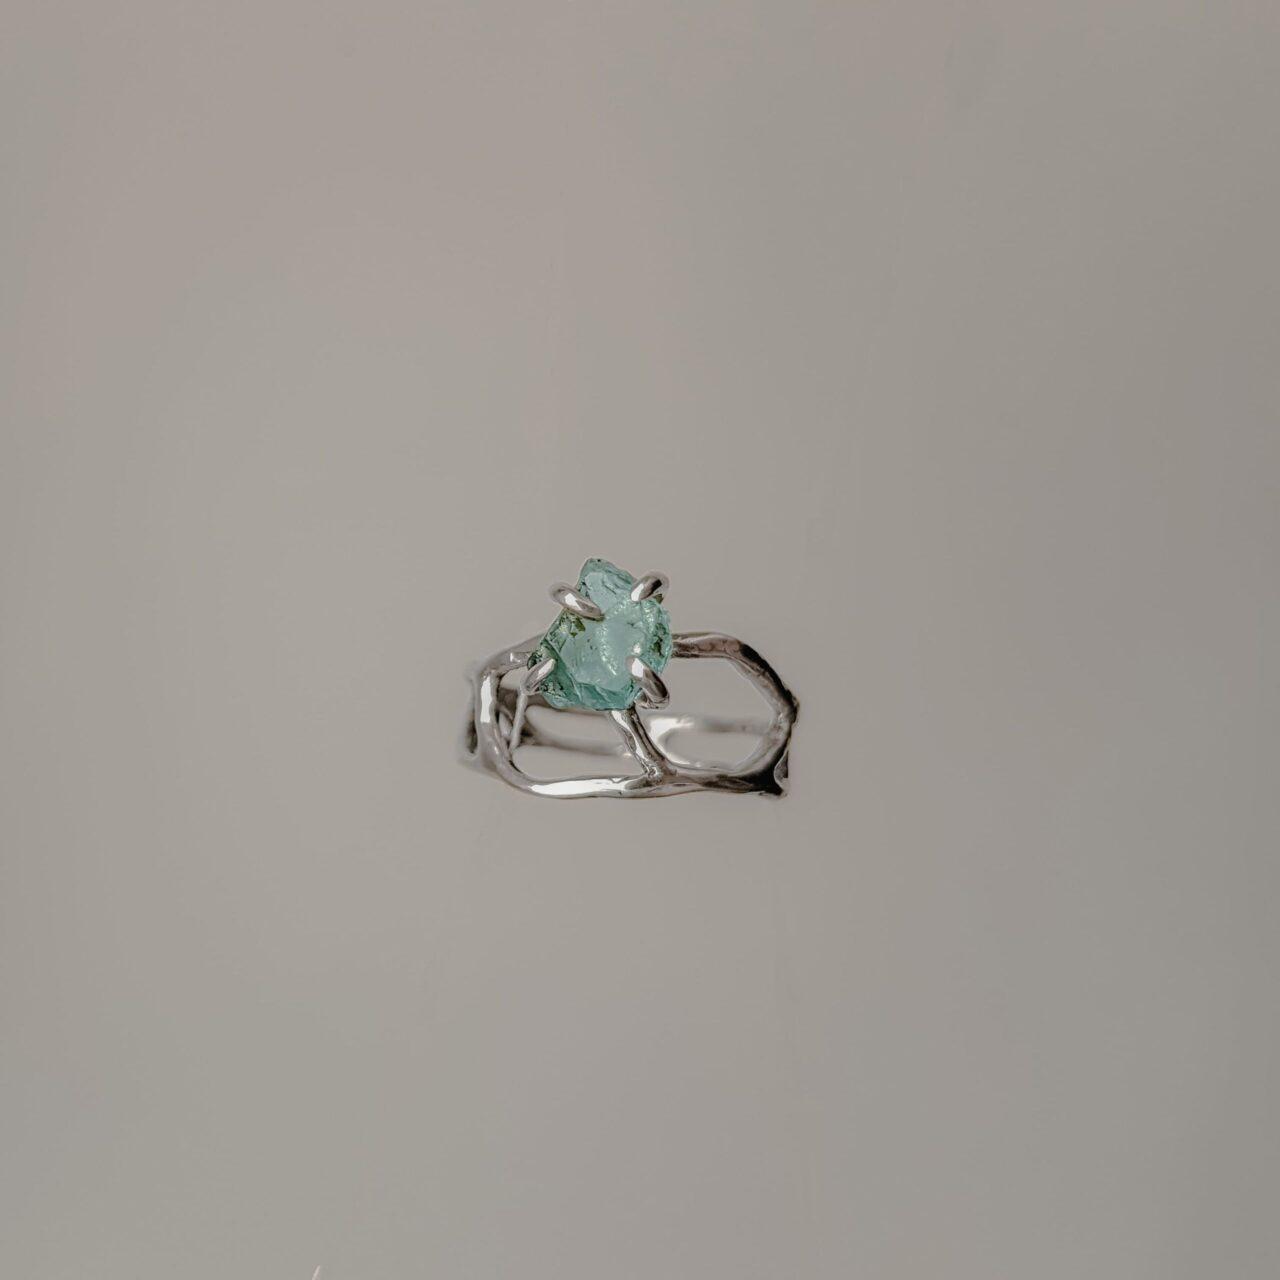 Ажурное кольцо с необработанным камнем, серебро